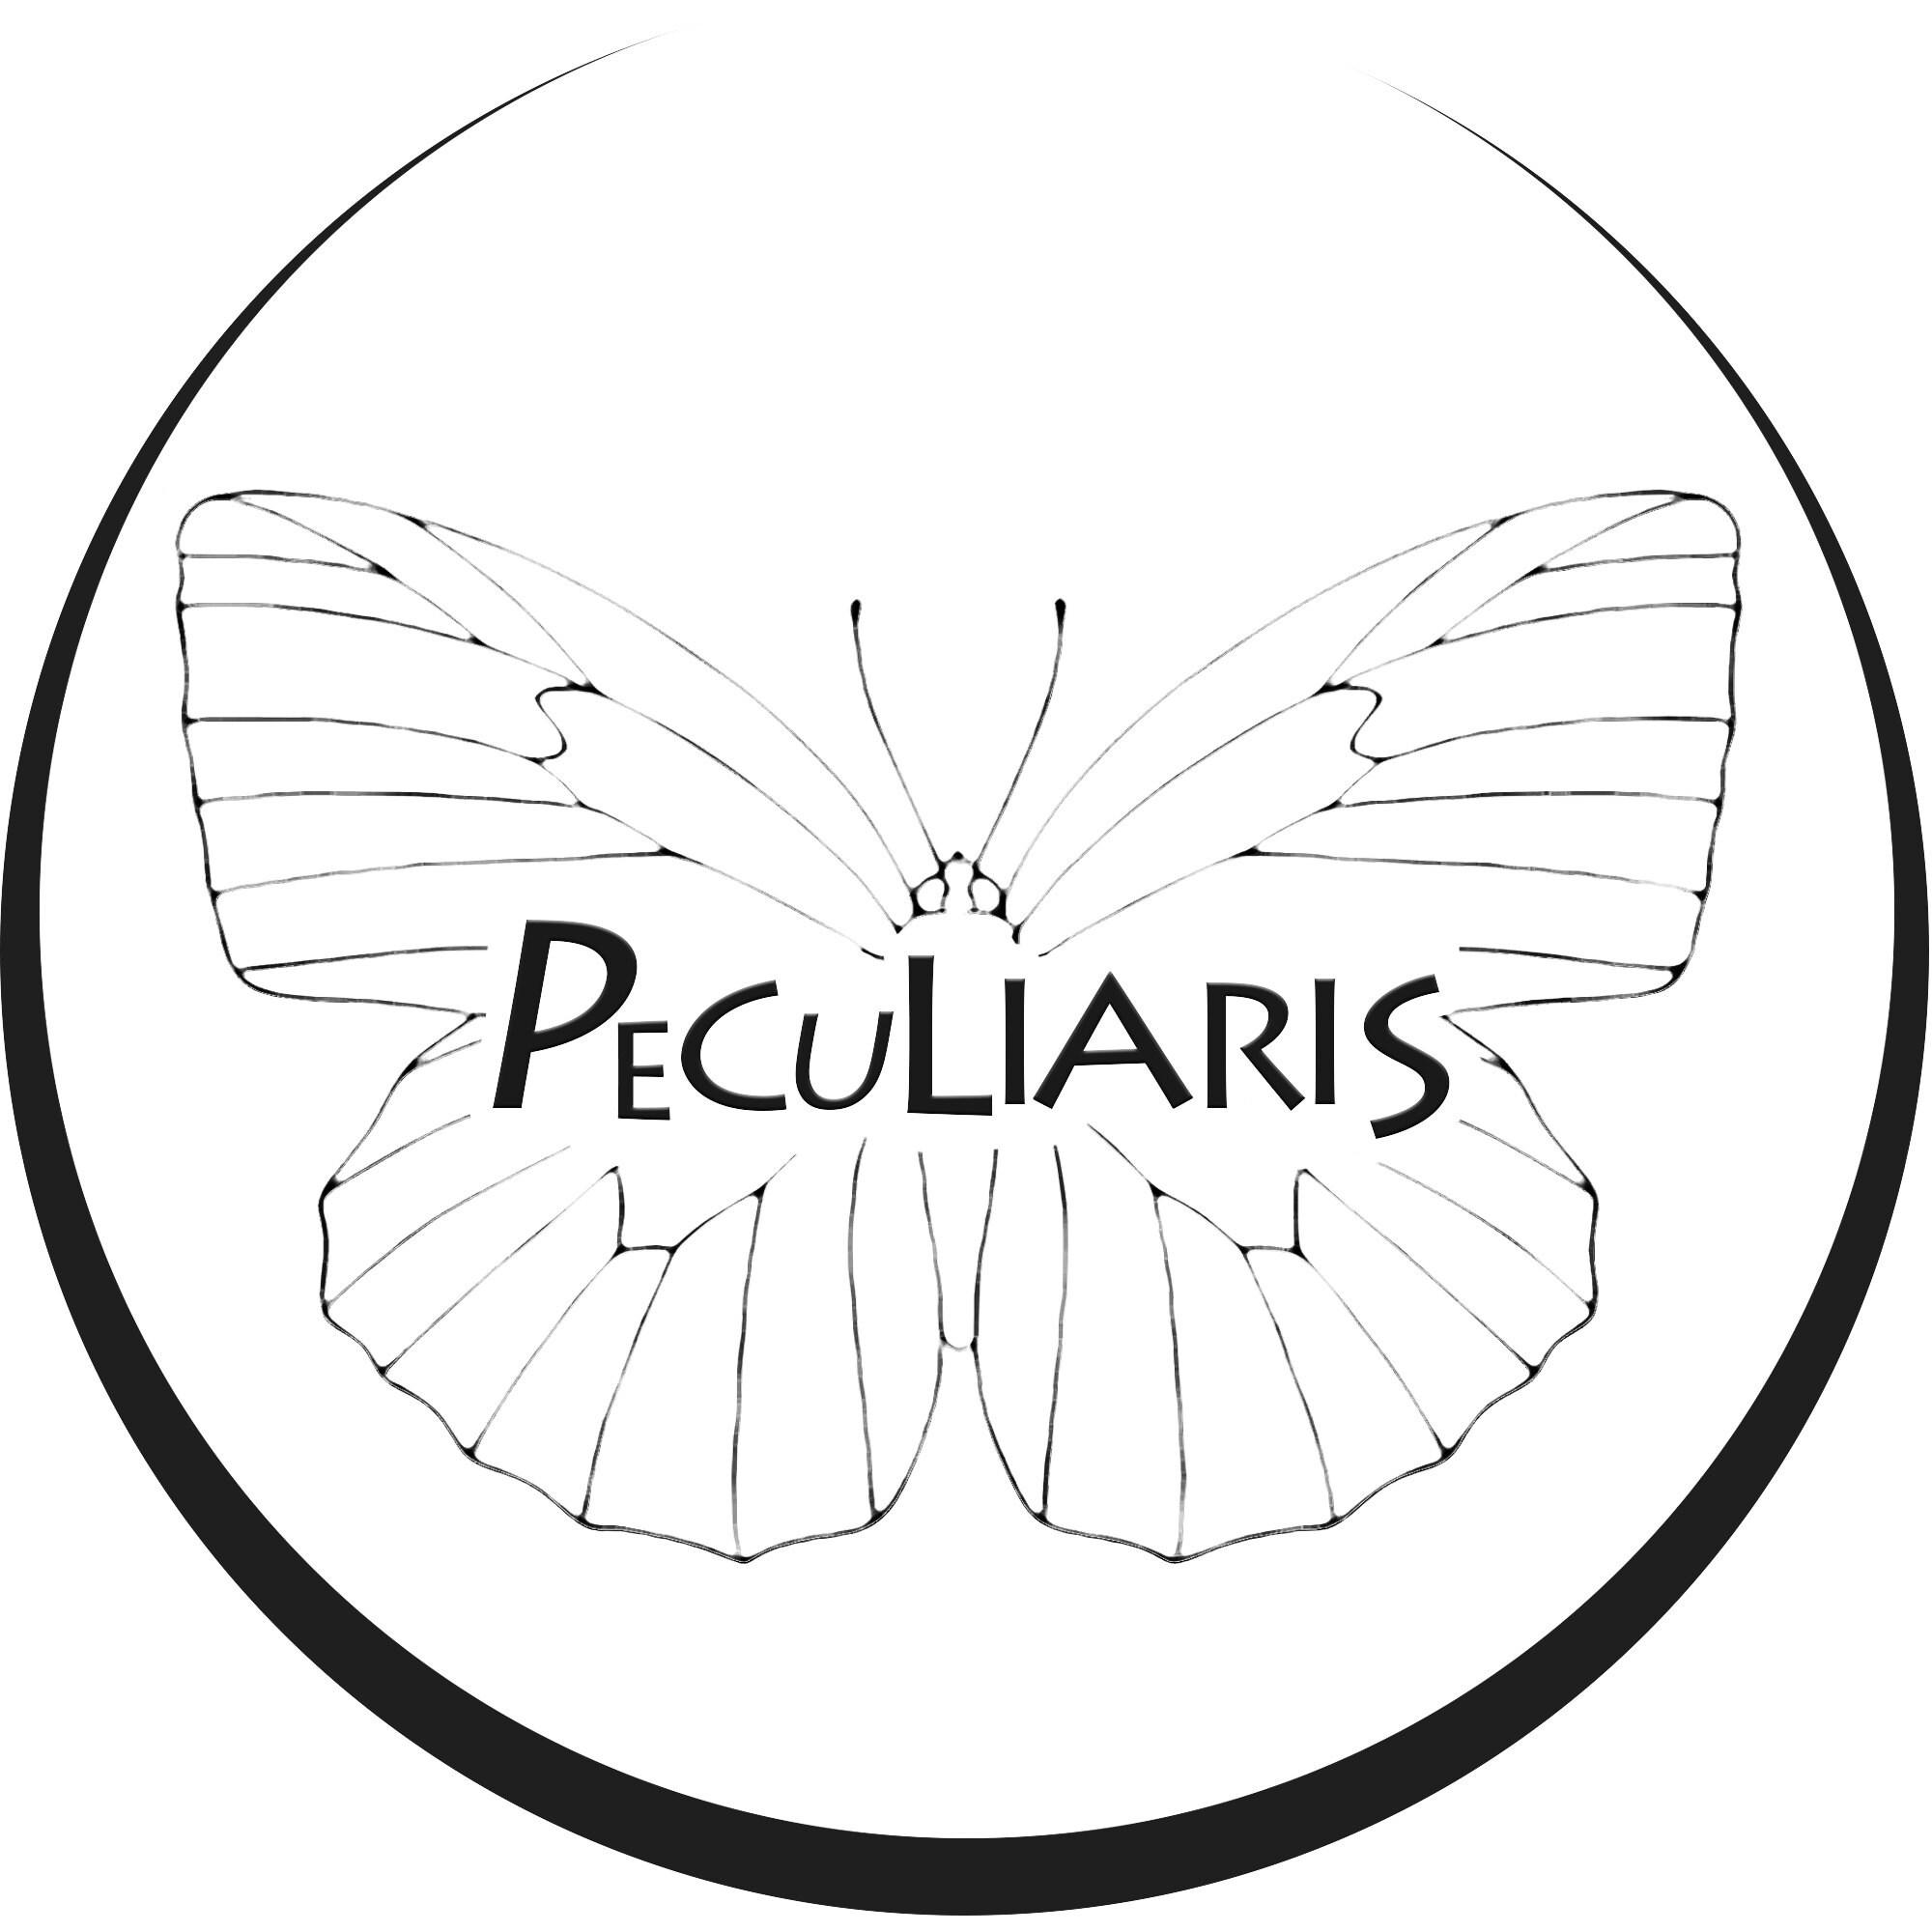 Peculiaris